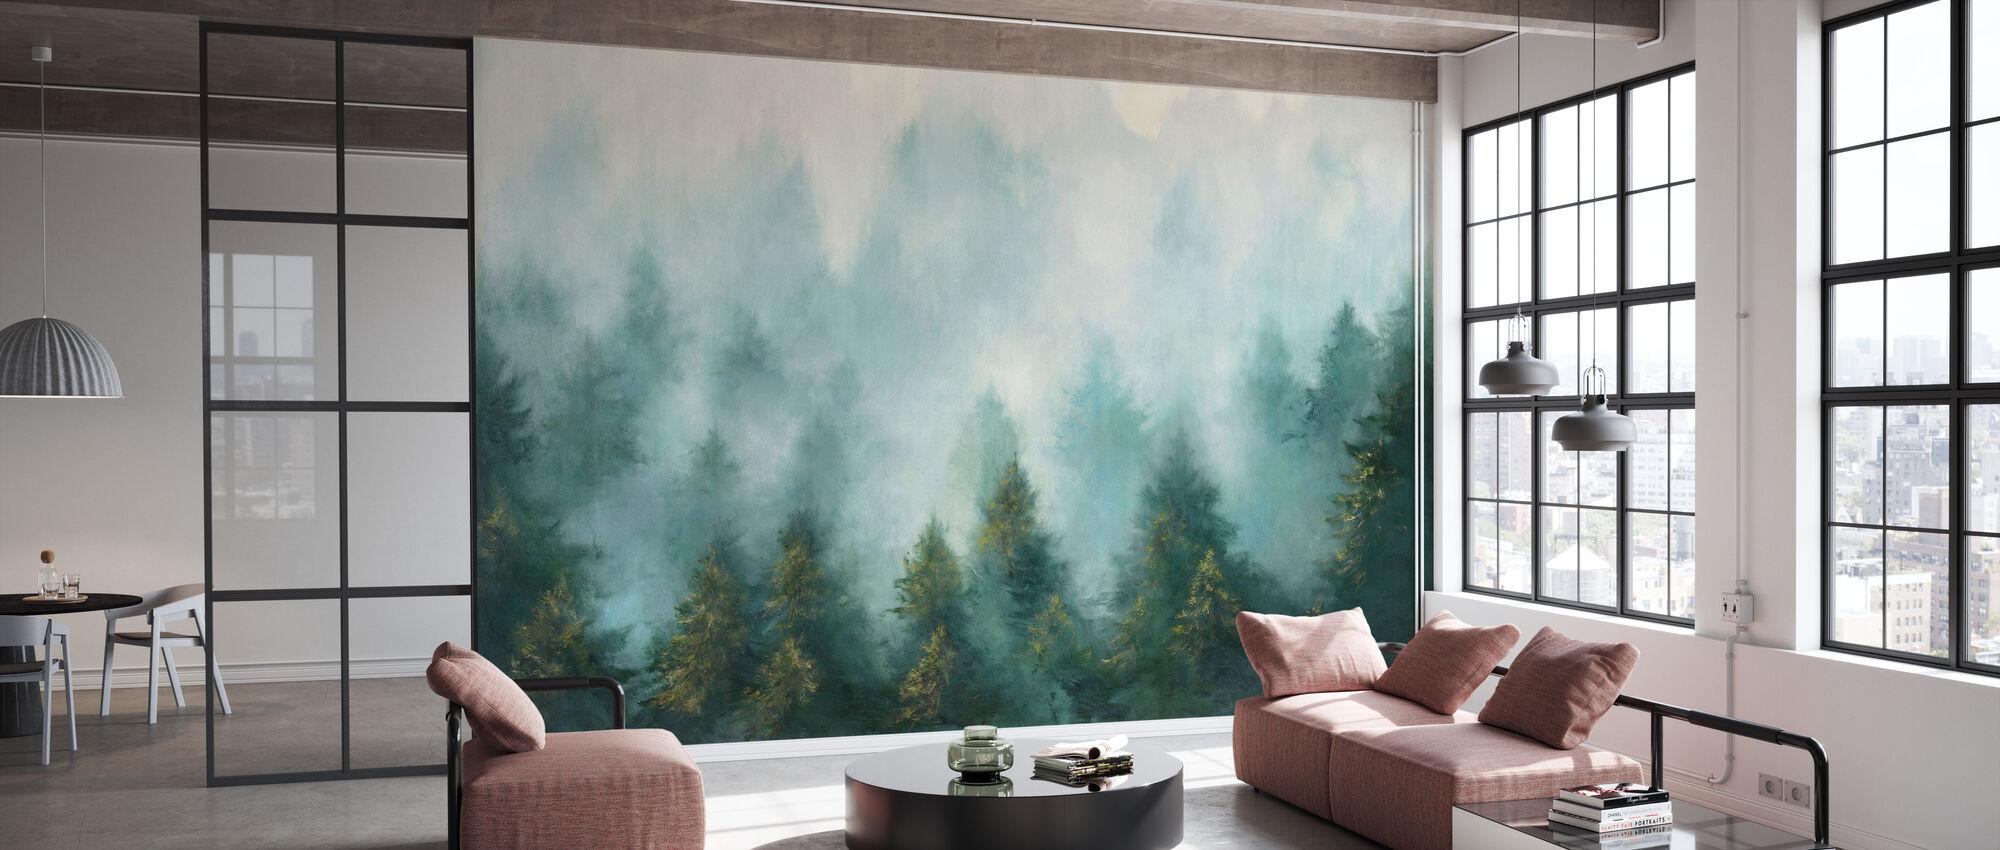 Misty Forest - Wallpaper - Office